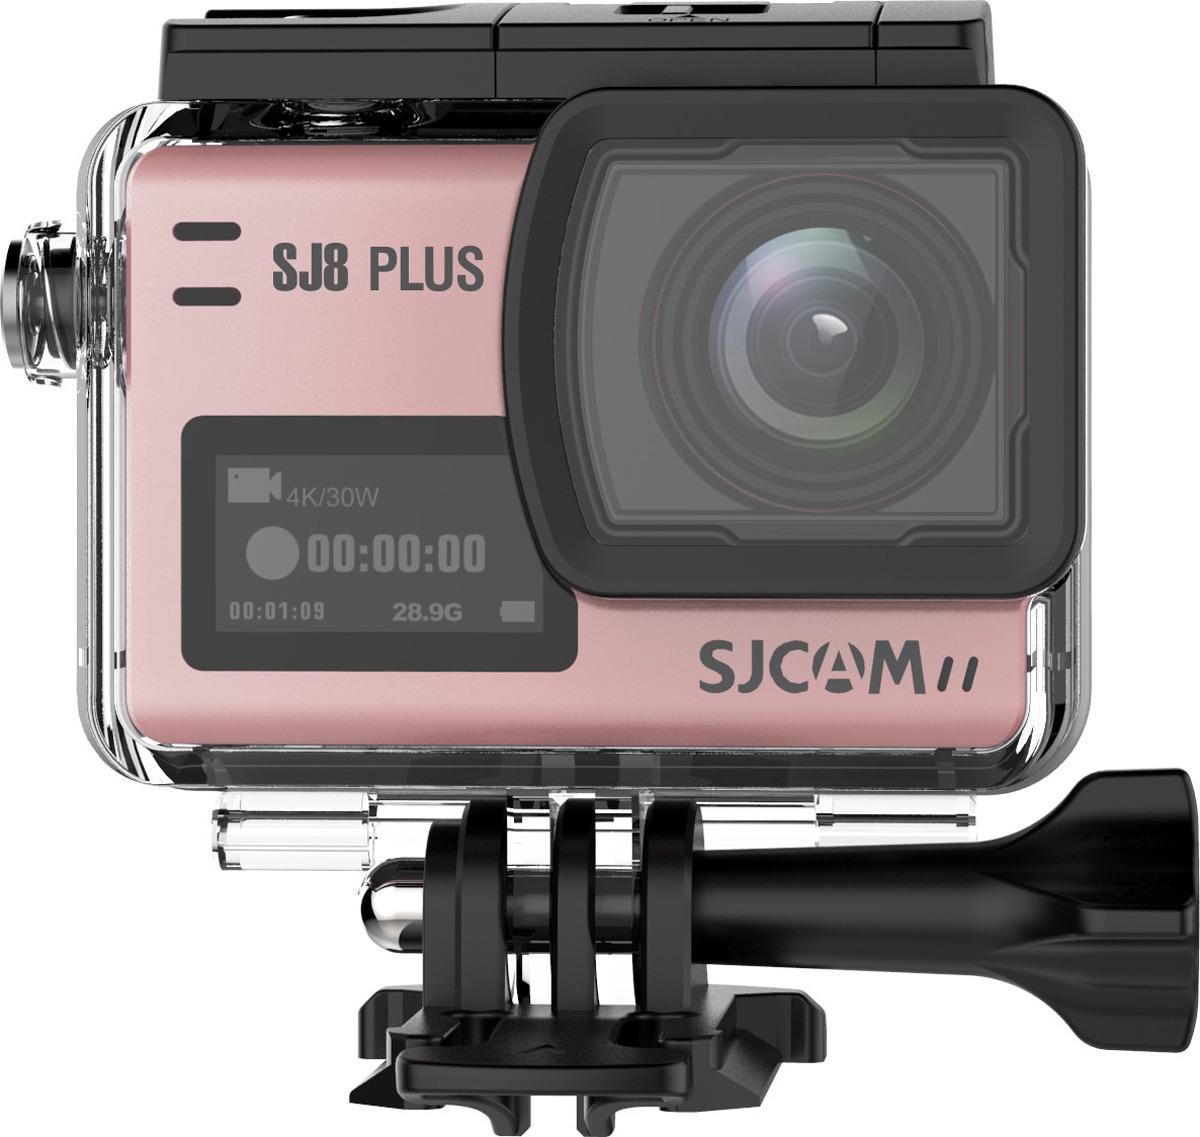 Экшн-камера SJCAM SJ8 Plus, SJ8 Plus (rose), розовый original sjcam sj8 pro 4k 60fps wifi action camera